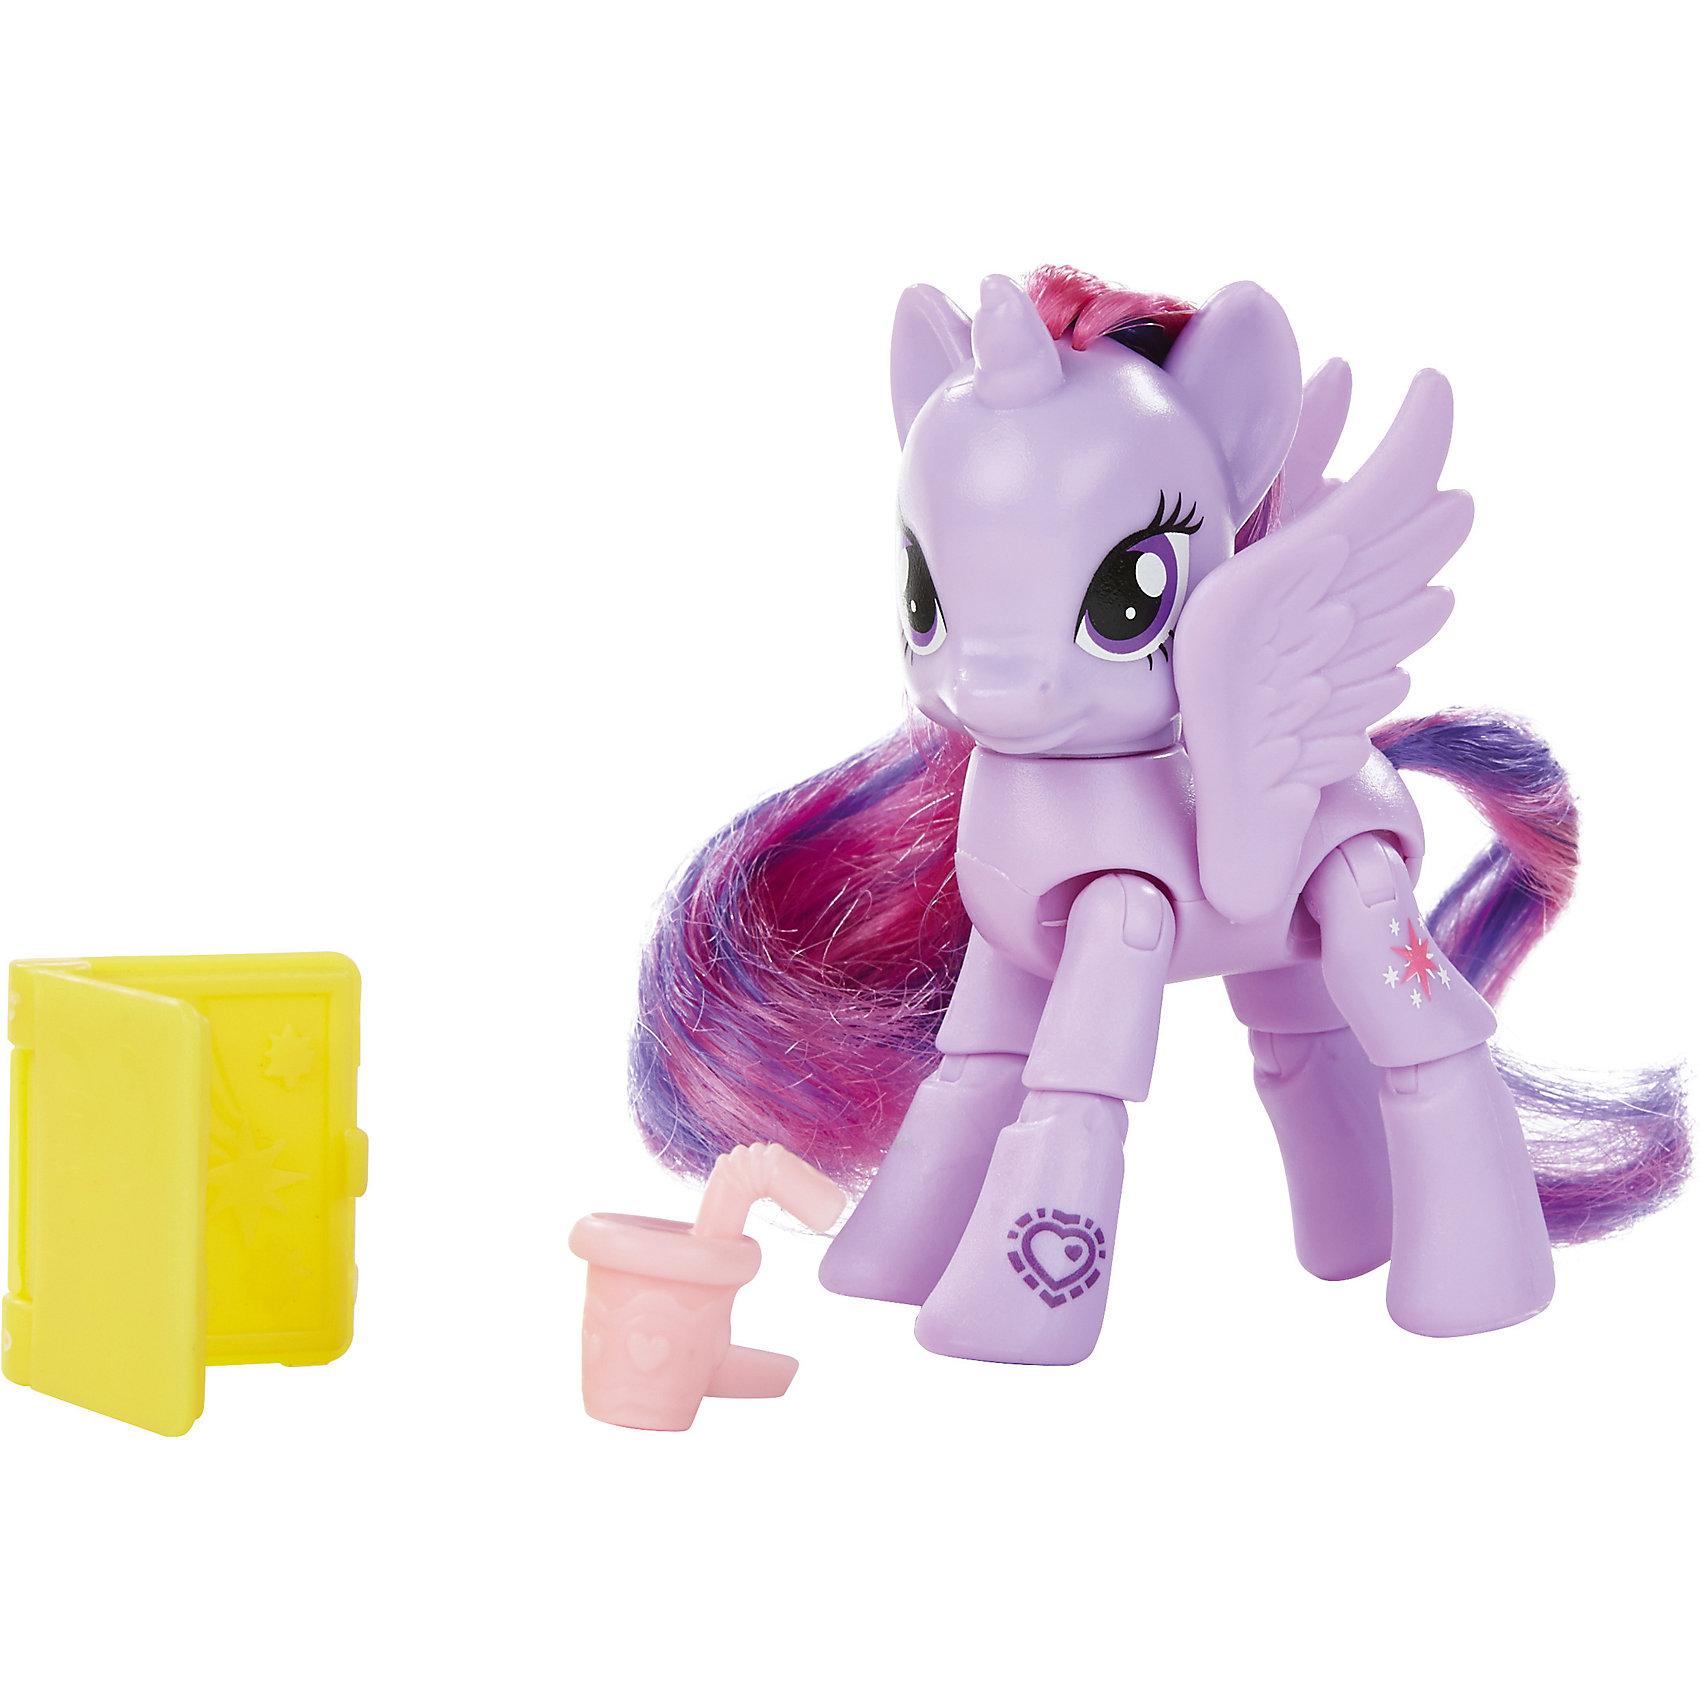 Принцесса Твайлайт Спаркл, Дружба - это чудо!, My little PonyПони с 8 точками артикуляции и аксессуарами с которыми здорово прогуляться по улочкам Мейнхеттена. Отсканируйте специальный код своим мобильным устройством, и откройте новые функции в игровом мобильном приложении My Little Pony.<br><br>Ширина мм: 47<br>Глубина мм: 178<br>Высота мм: 47<br>Вес г: 150<br>Возраст от месяцев: 36<br>Возраст до месяцев: 120<br>Пол: Женский<br>Возраст: Детский<br>SKU: 4661749